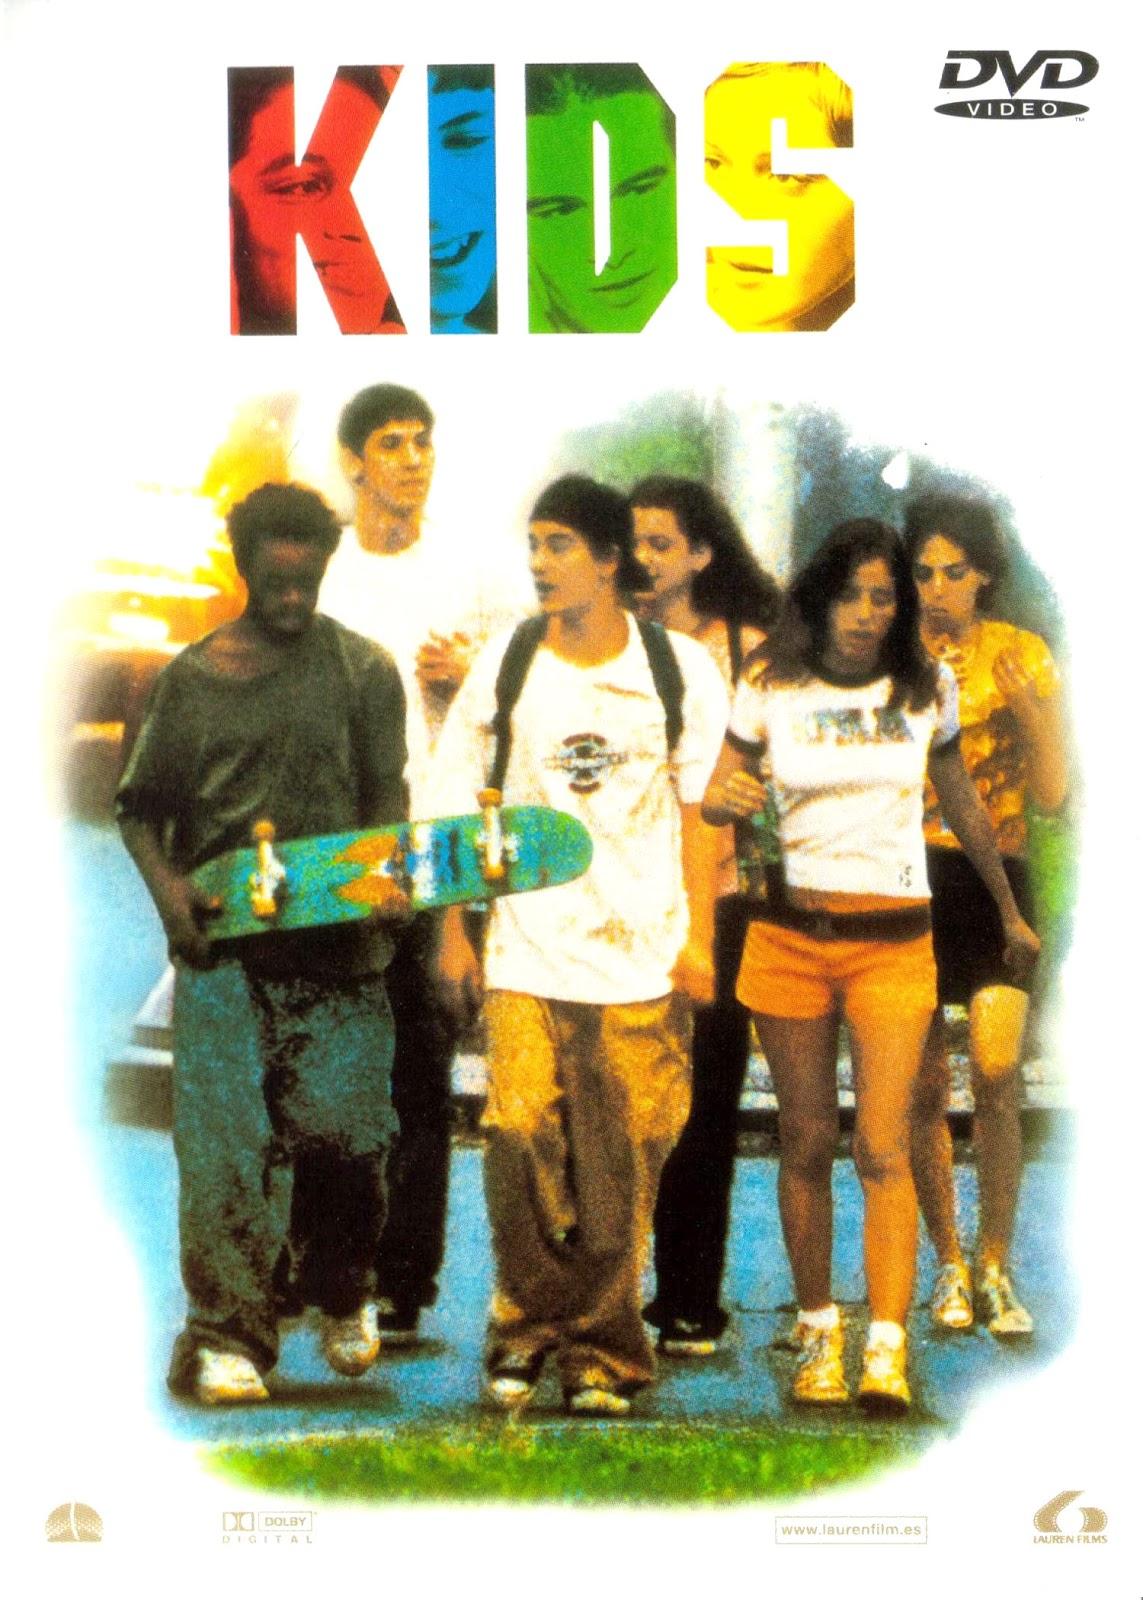 http://3.bp.blogspot.com/-SqTNiRMDo4c/UHbwDUeUmcI/AAAAAAAAJ3o/bfh984L1s6Y/s1600/Kids.jpg